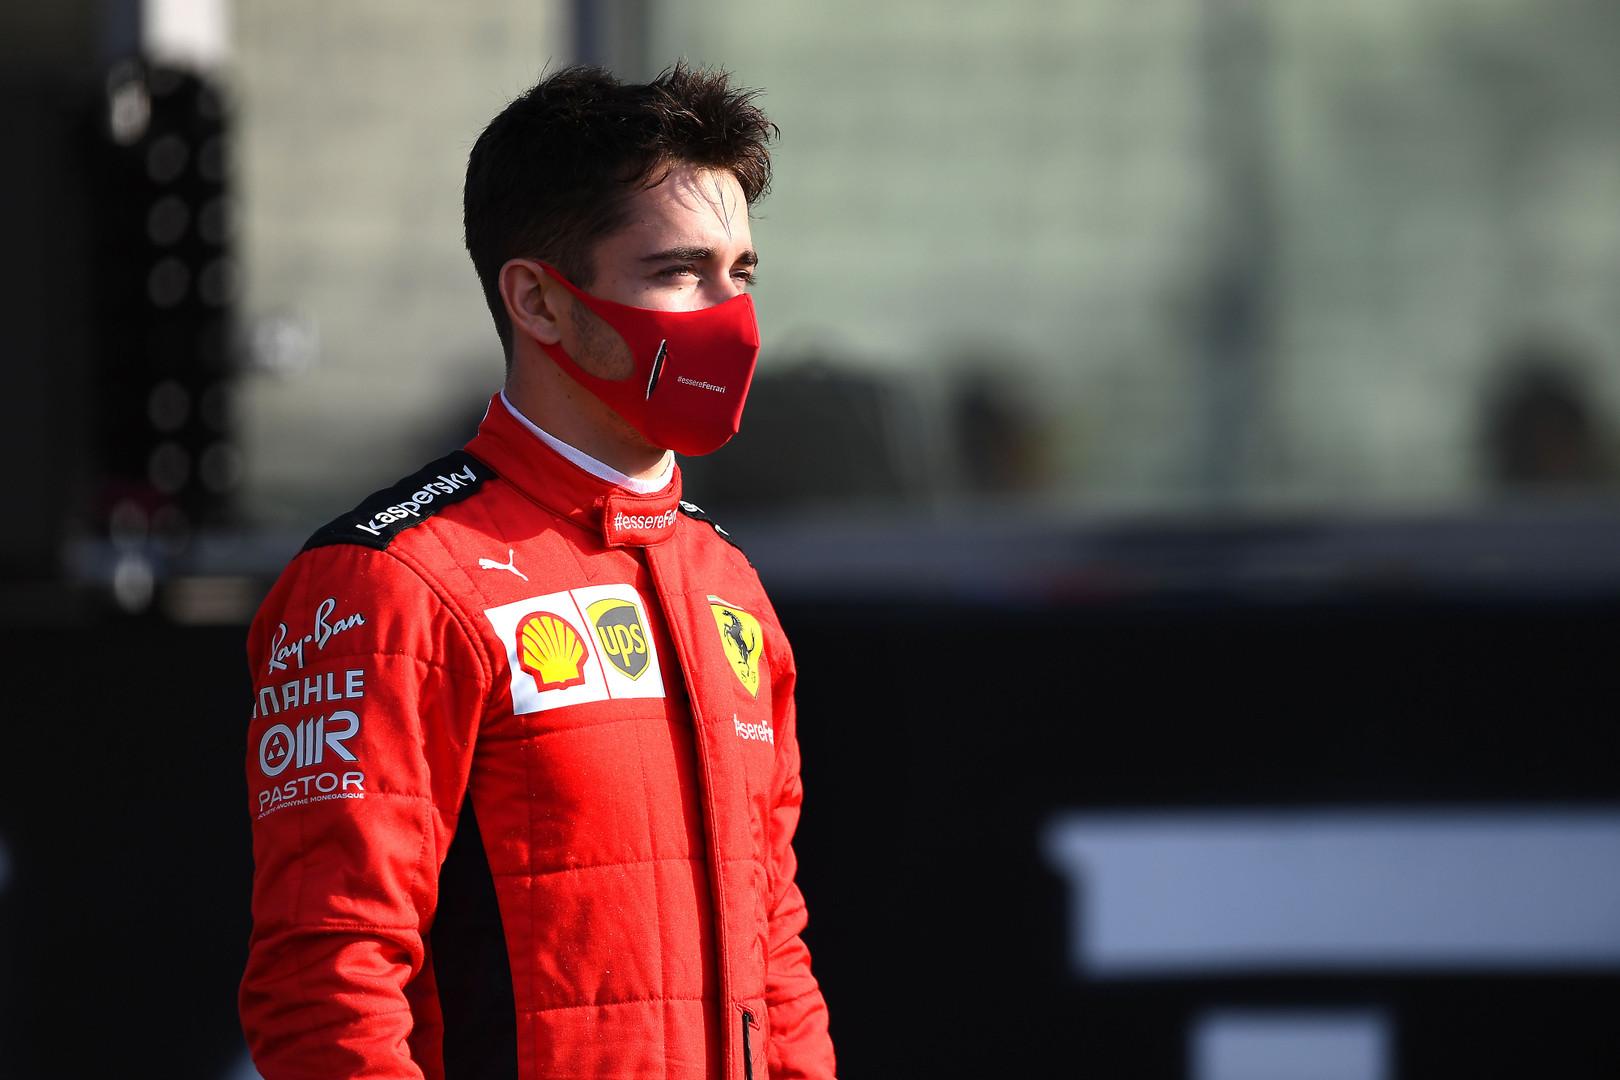 """C. Leclercas: nepaliksiu """"Ferrari"""", kol neįgyvendinsiu savo svajonės"""